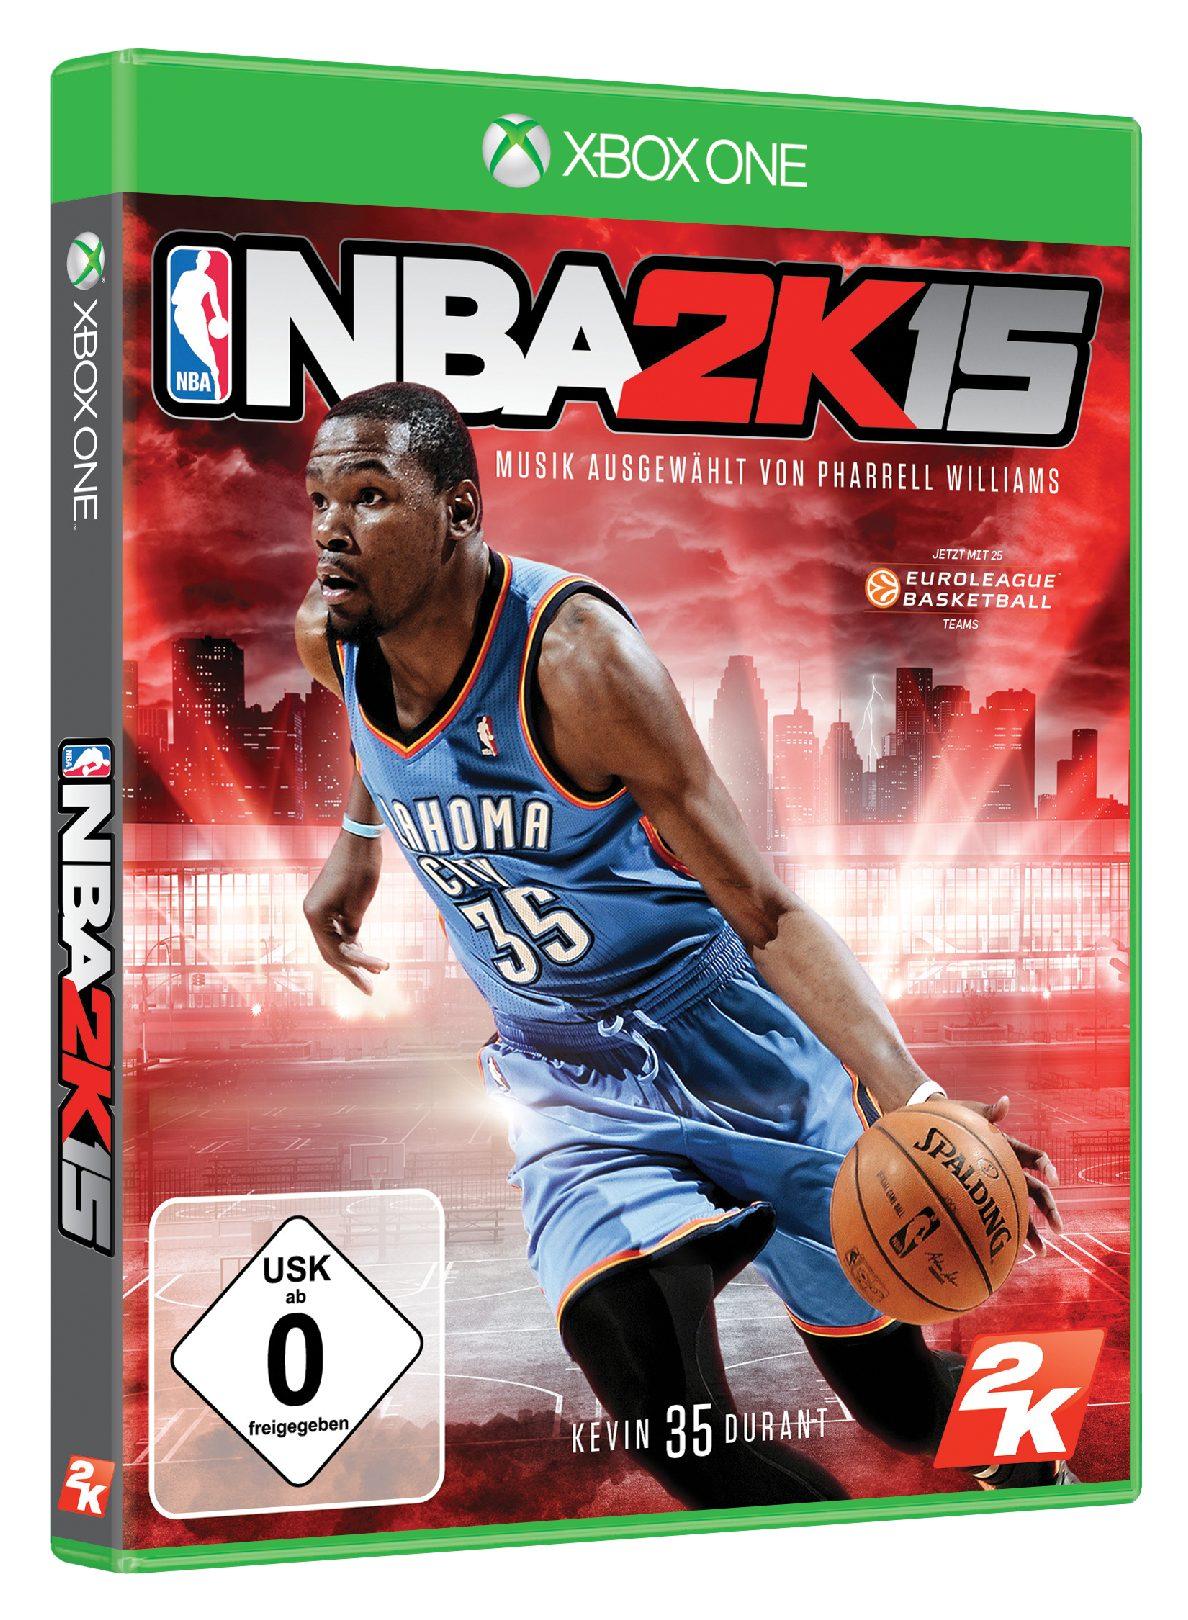 Take 2 NBA 2K15 »XBox One«